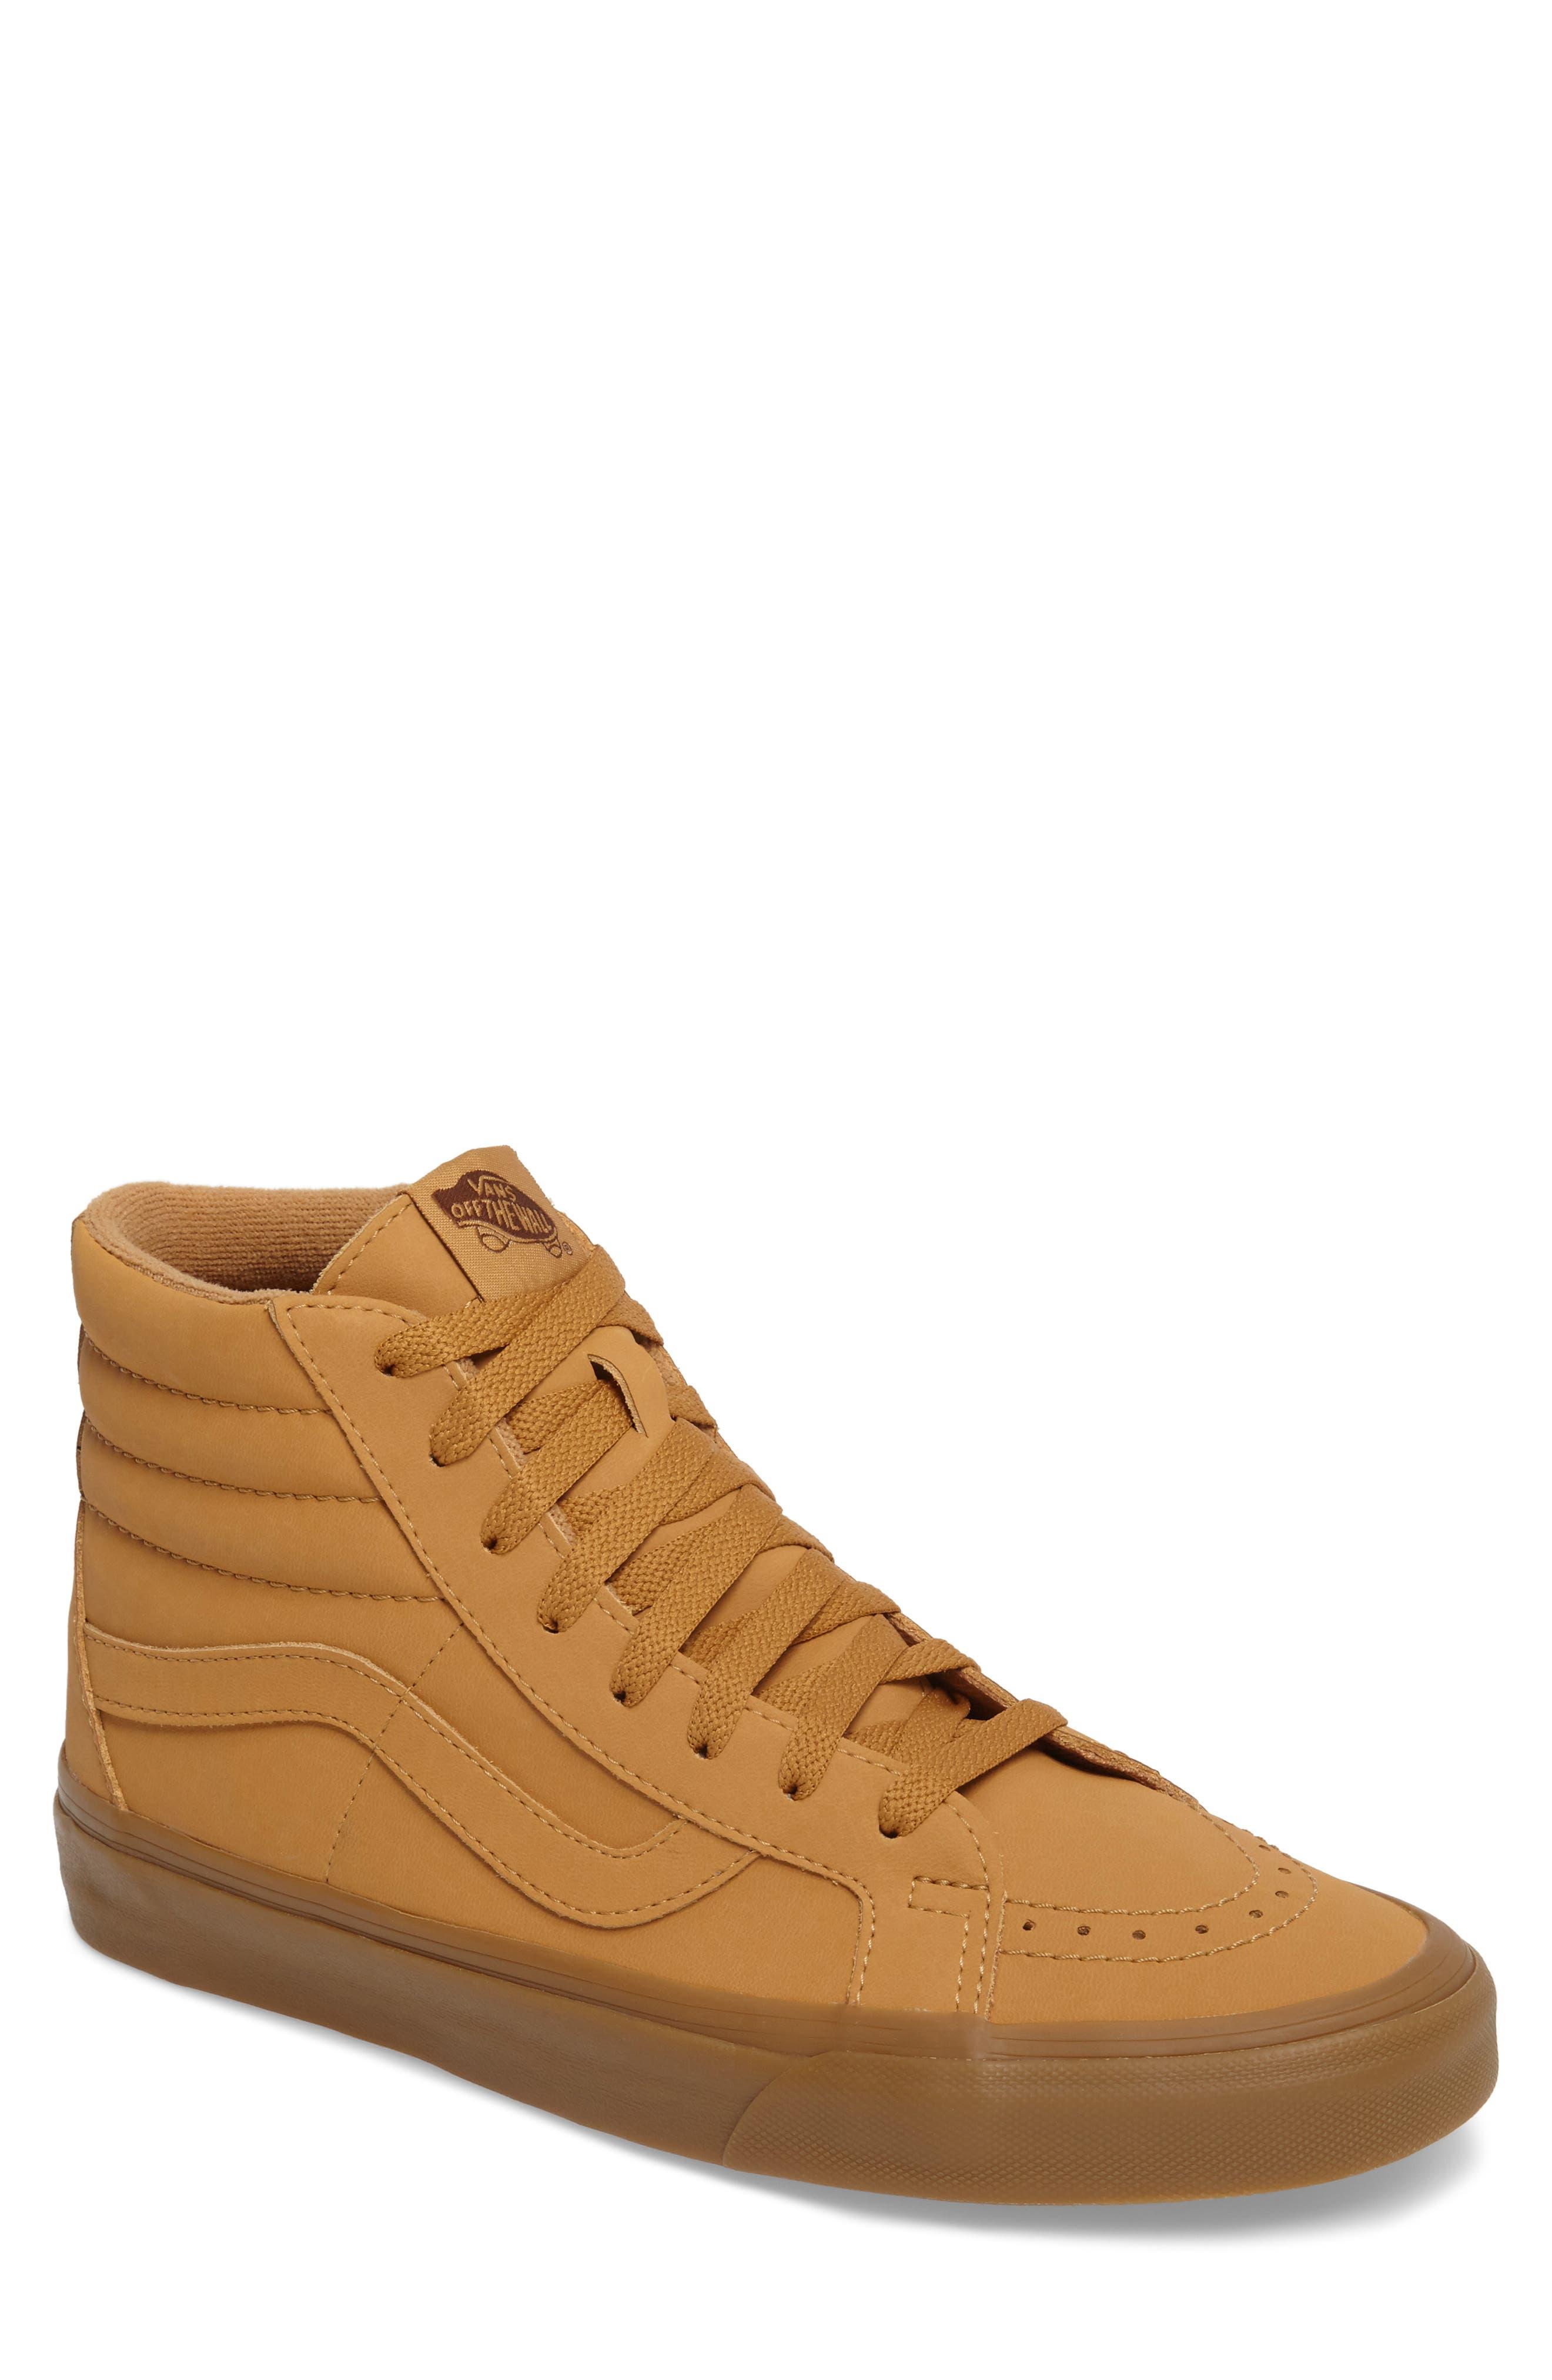 'Sk8-Hi Reissue' Sneaker,                             Main thumbnail 1, color,                             Light Gum/ Mono Canvas/Leather